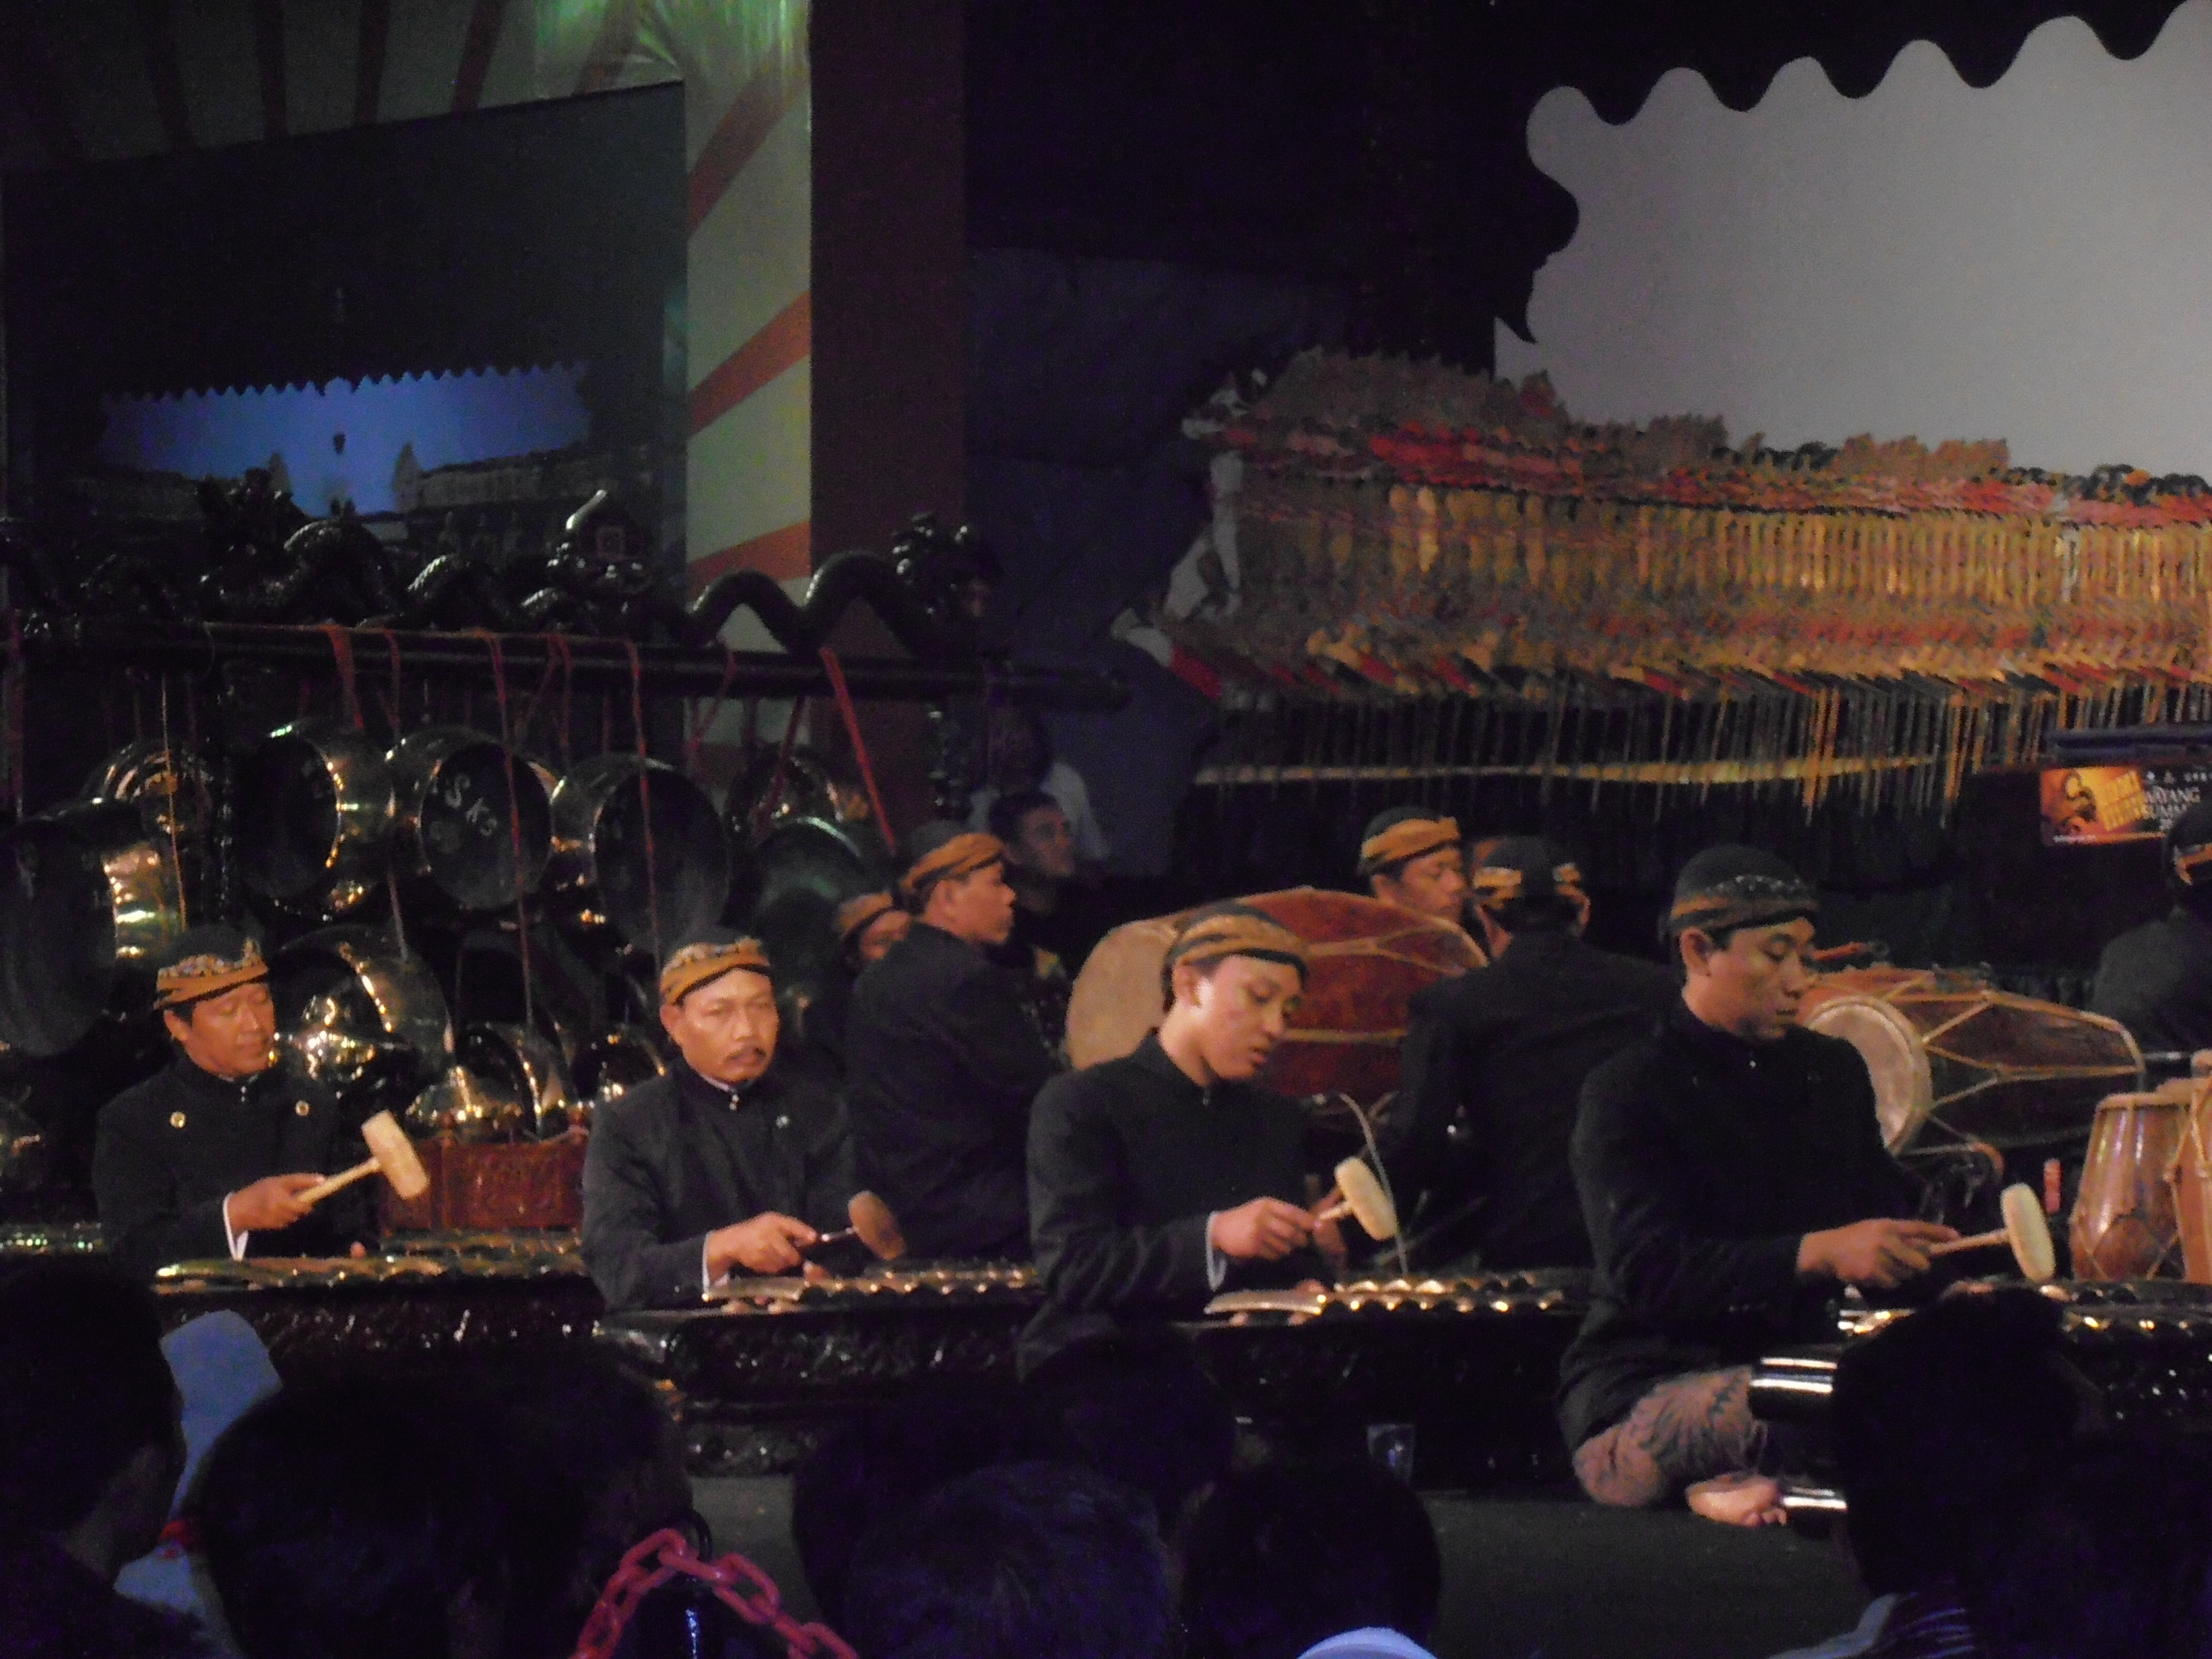 Wayang <em>kulit</em> purwa <em>Jawa</em>. Les musiciens de gamelan jouent des cycles d'histoires du Râmâyana et du Mahâbhârata (Java central, Indonésie).